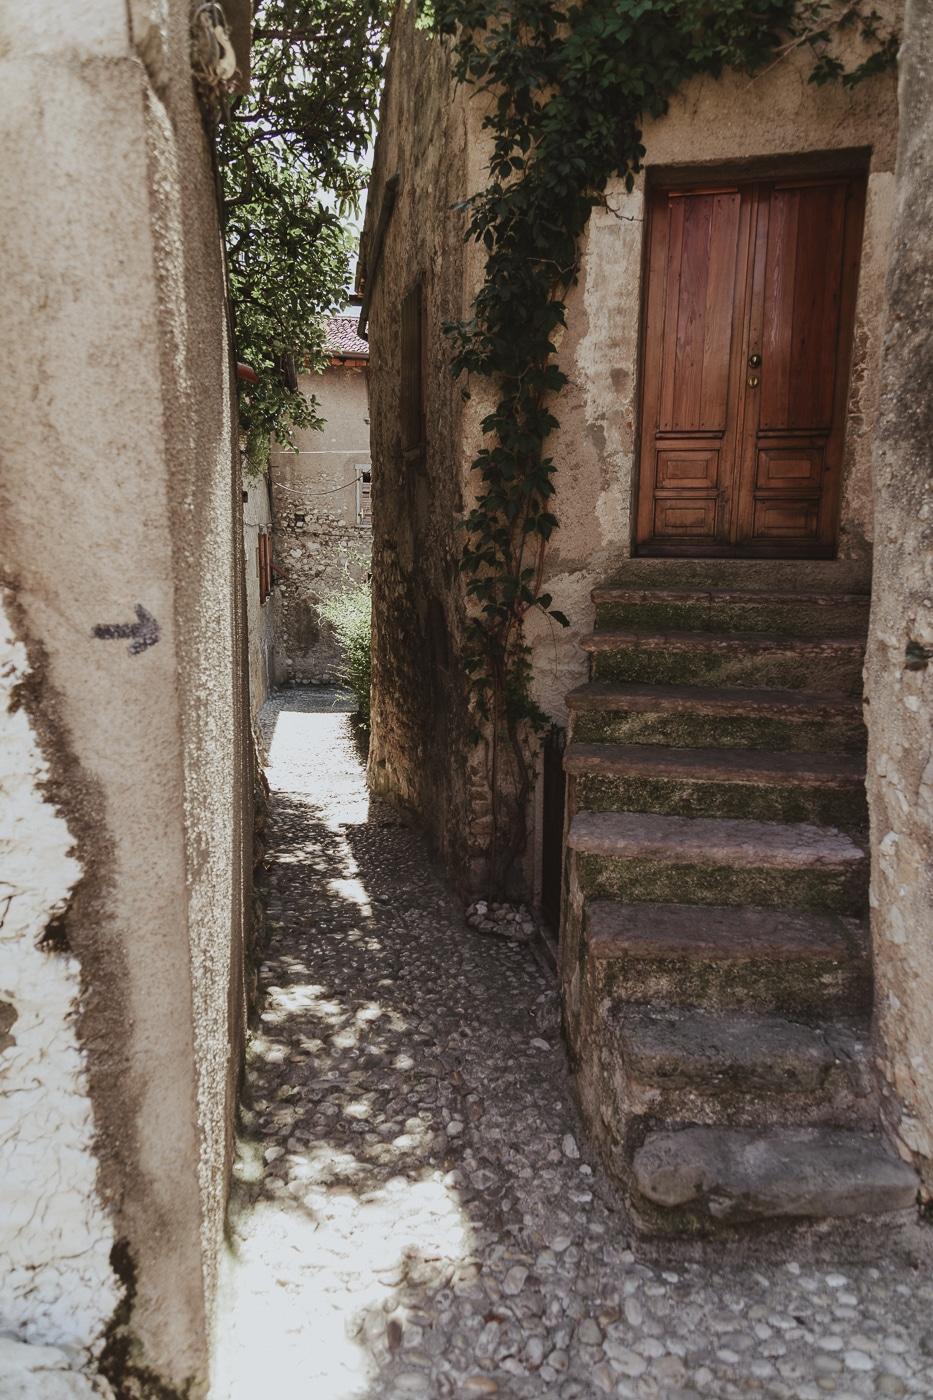 small passageway between buildings and stone steps to wooden door